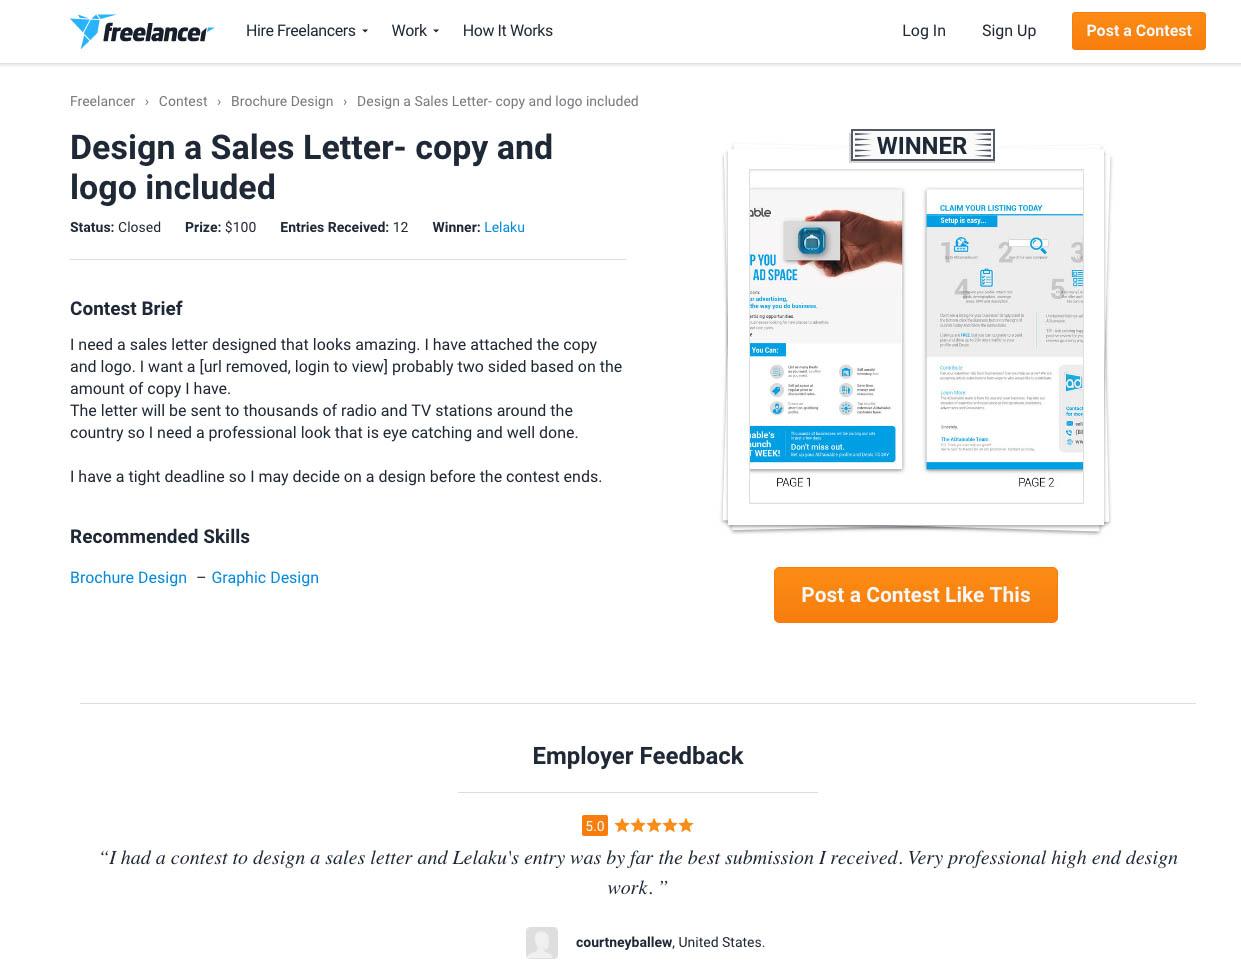 lettera_commerciale_sales_letter